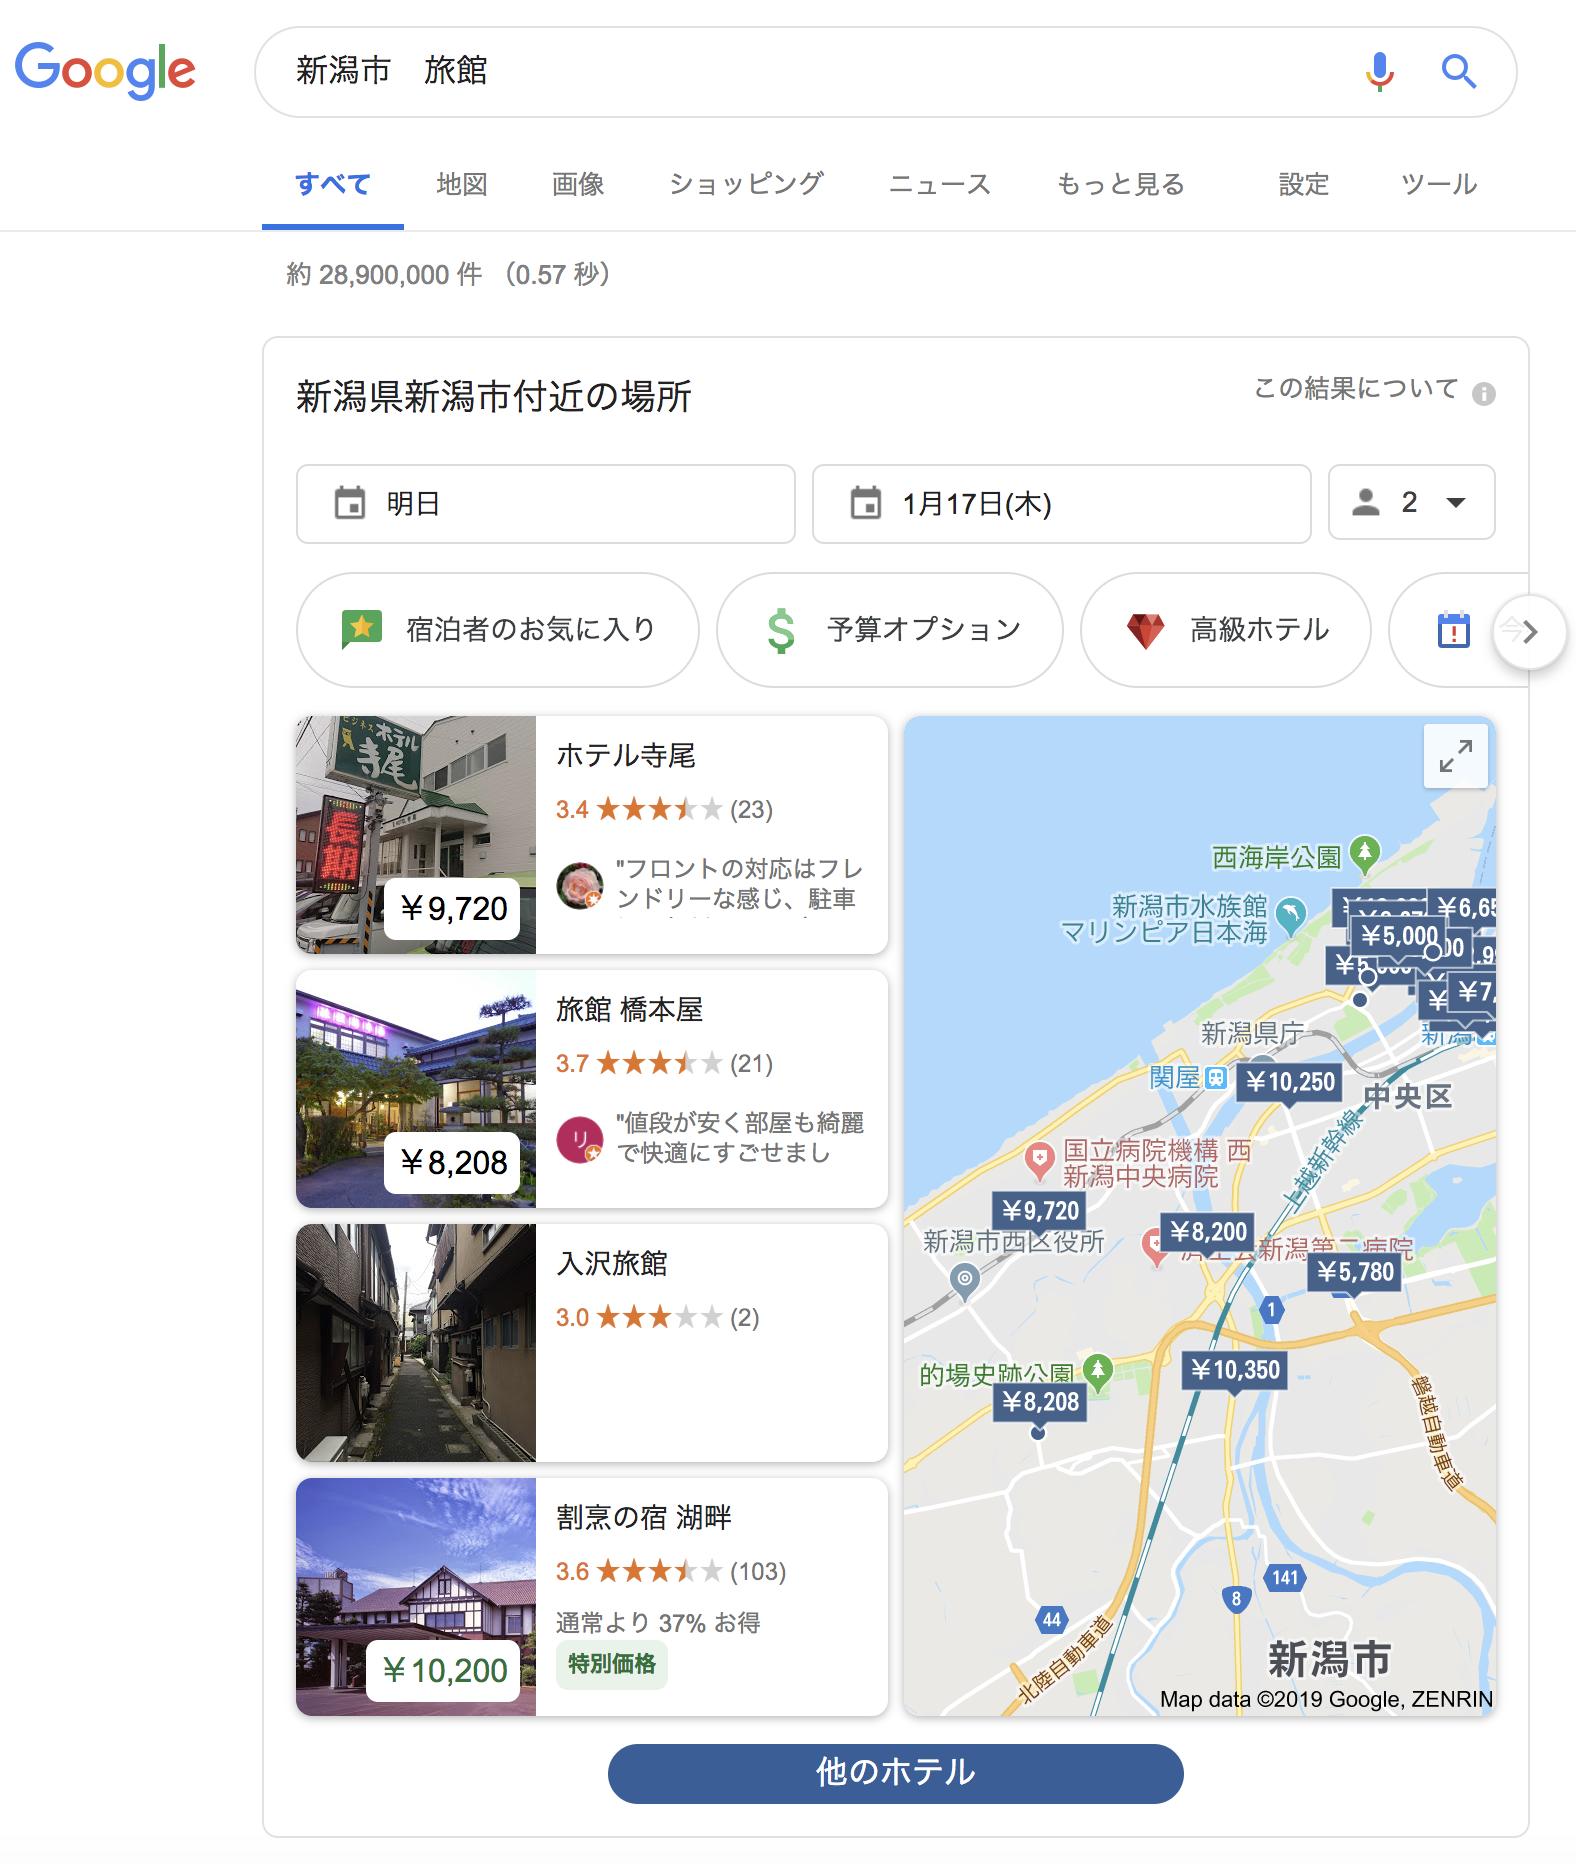 新潟市 旅館の検索結果